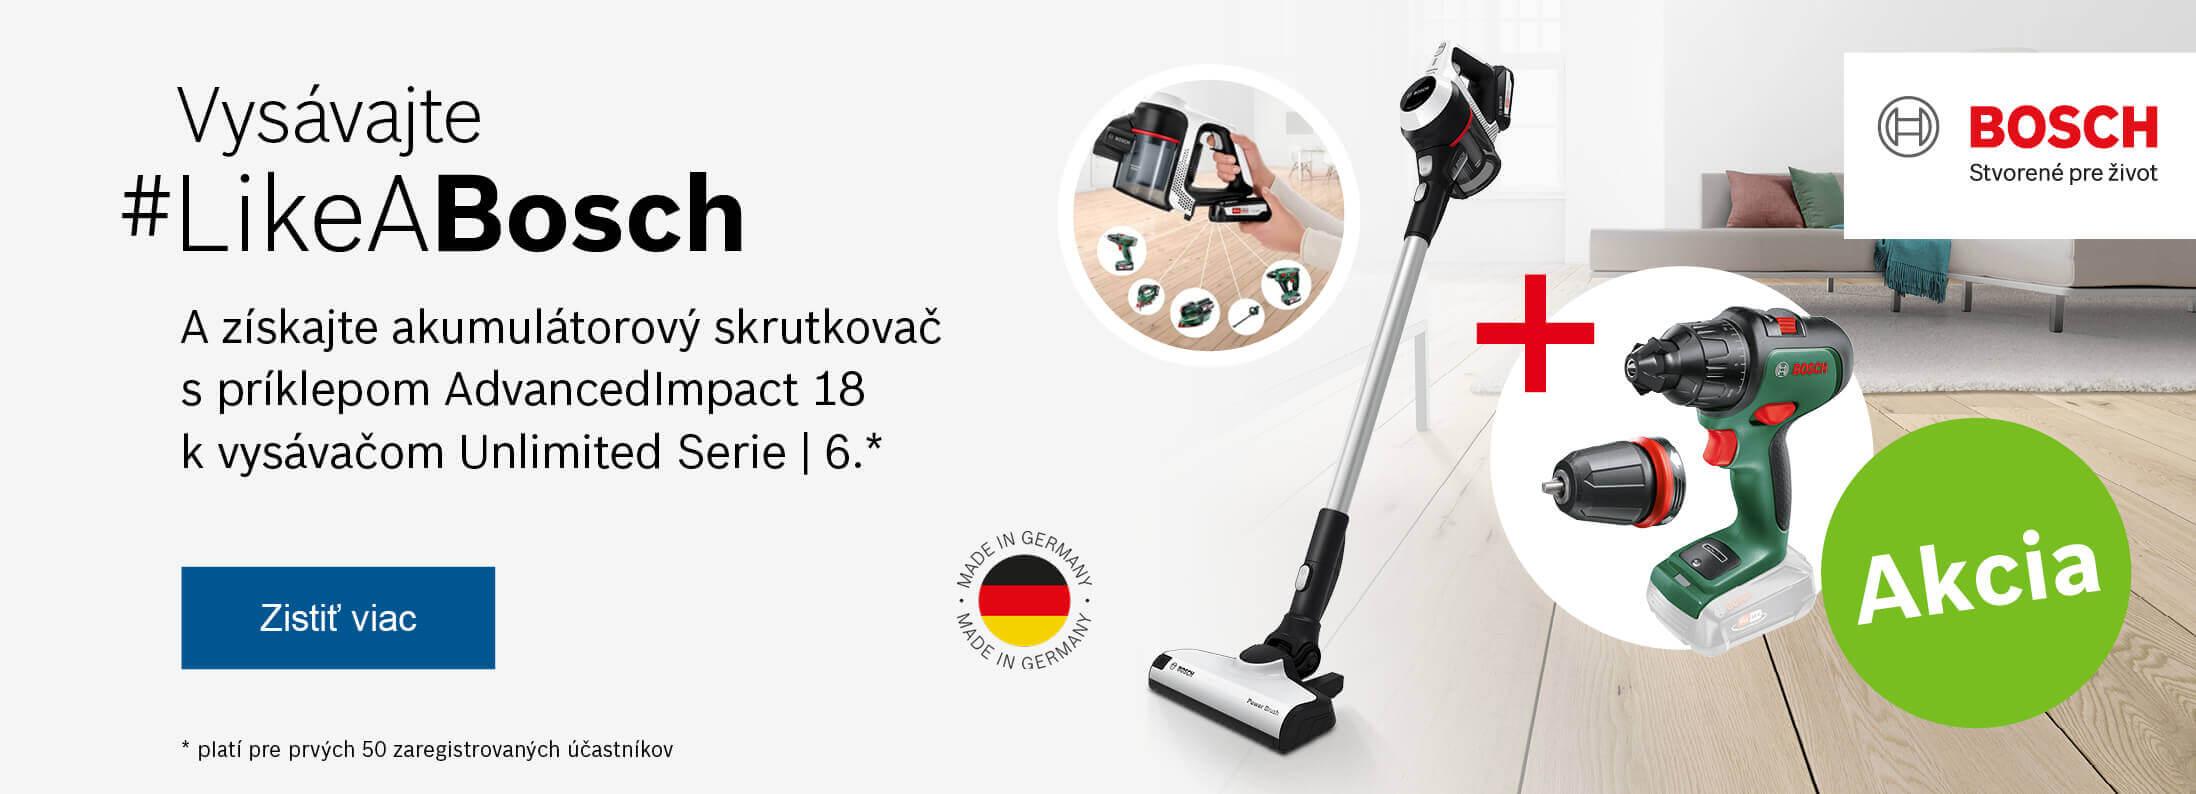 Bosch - Získajte akumulátorový skrutkovač k vysávačom Unlimited Serie | 6